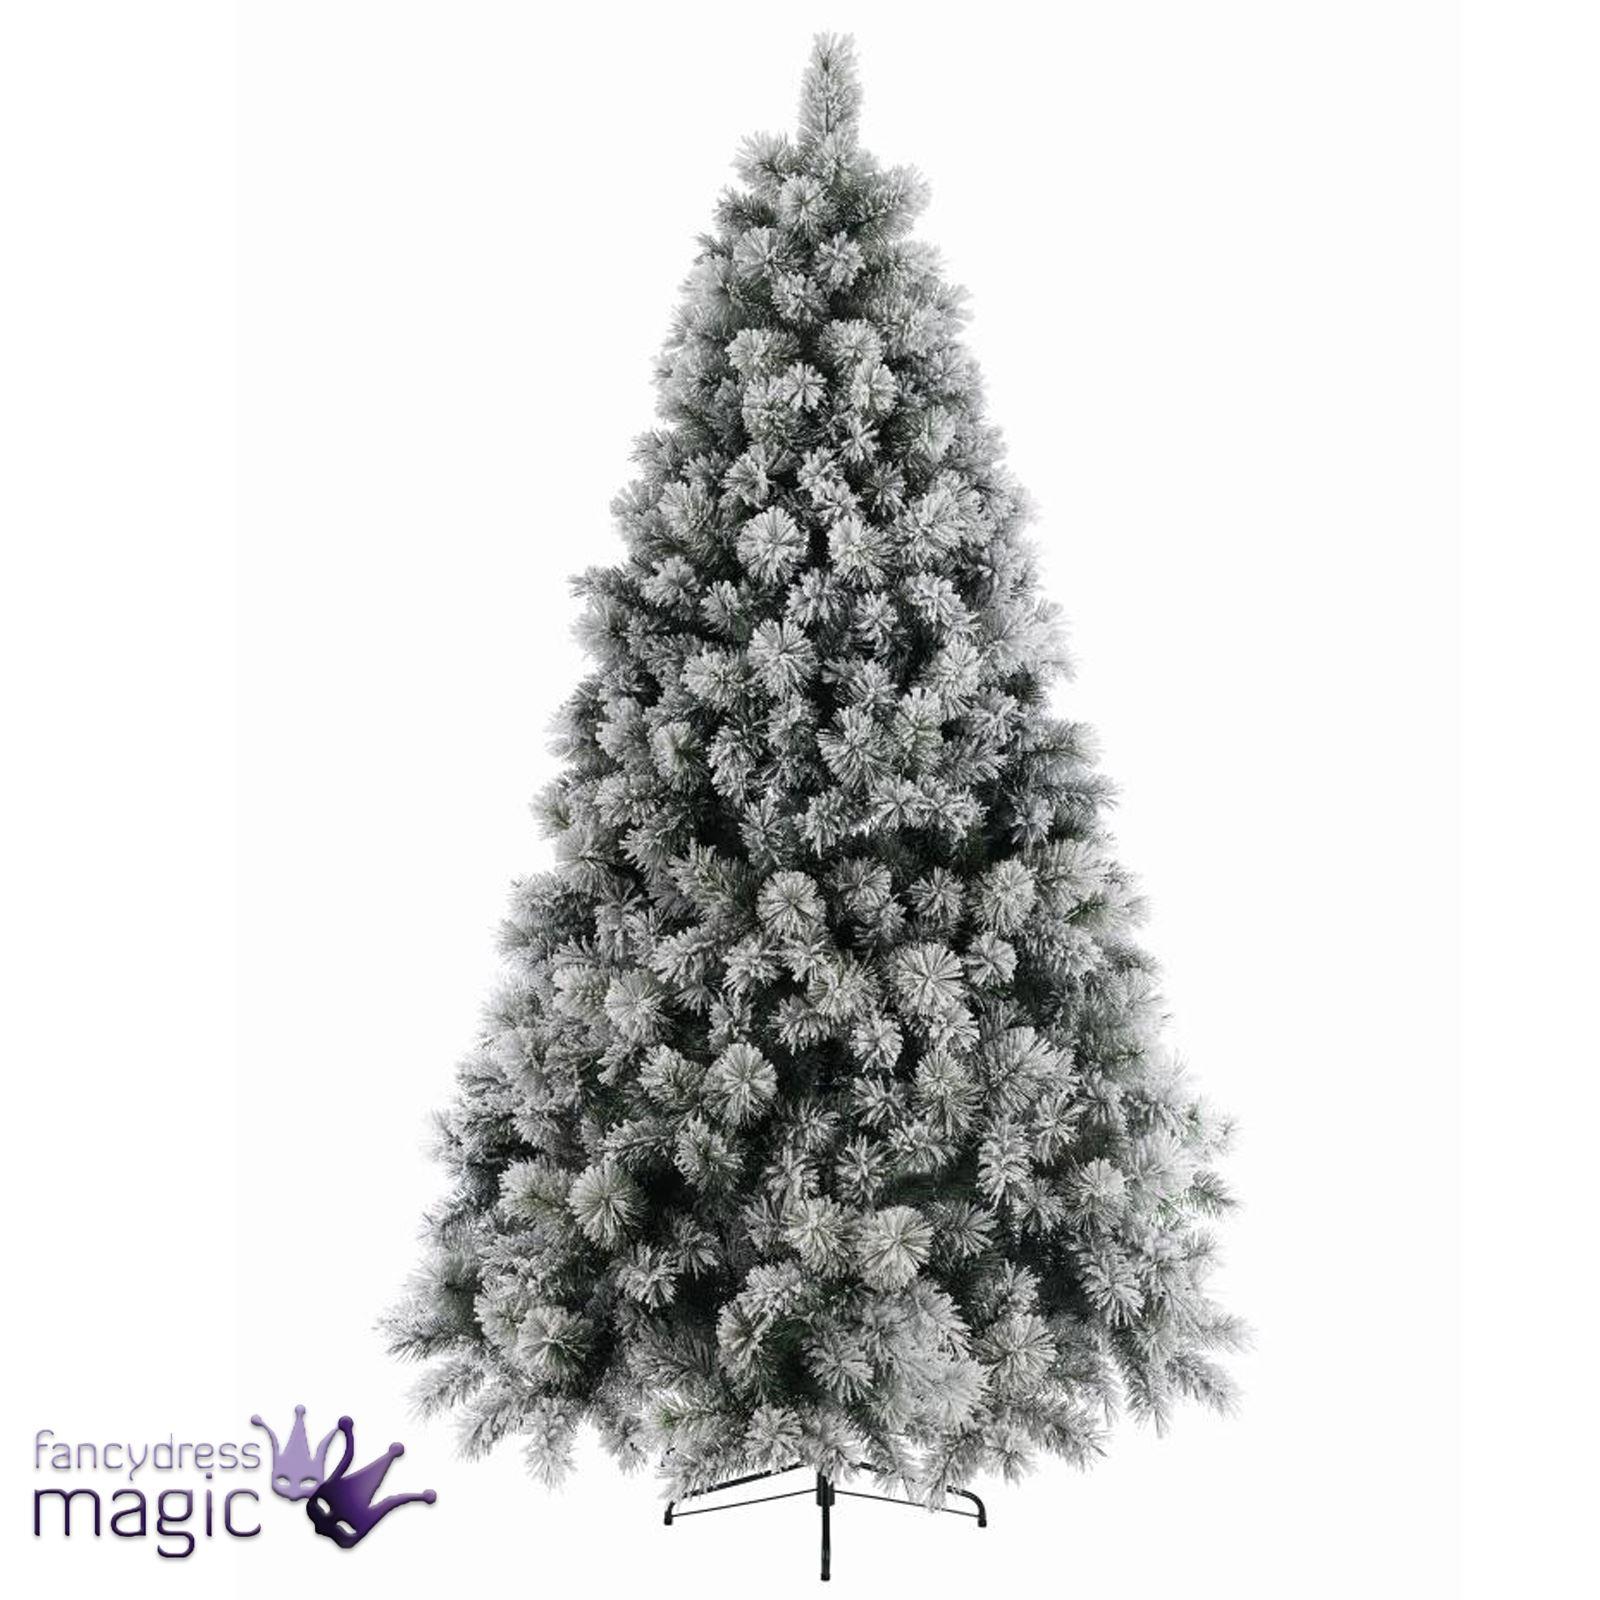 kaemingk vancouver nieve artificial mixto pino navidad rbol decoracin 18 m - Arbol De Navidad Artificial